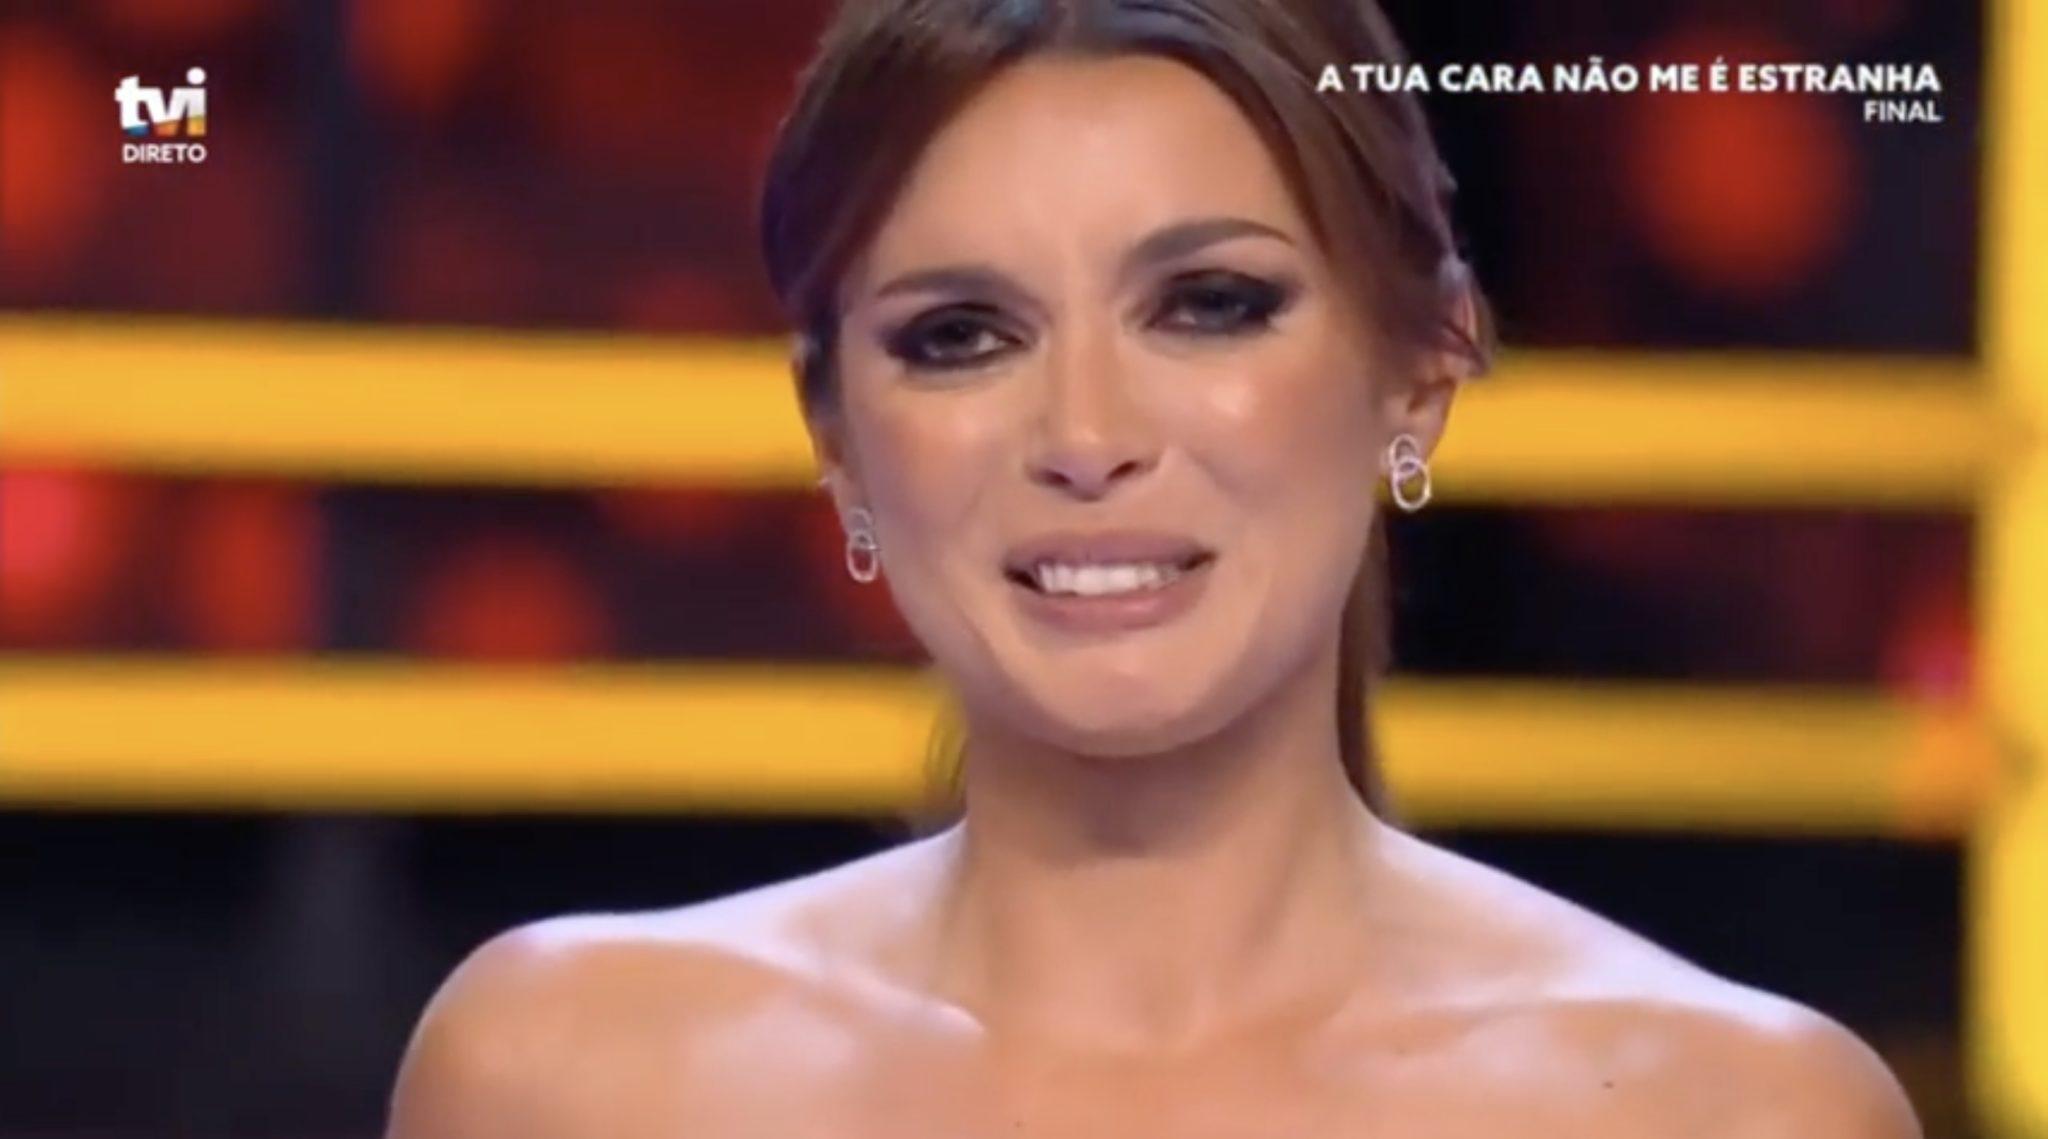 Maria Cerqueira Gomes 7 Maria Cerqueira Gomes Emociona-Se Na Final De 'A Tua Cara Não Me É Estranha'